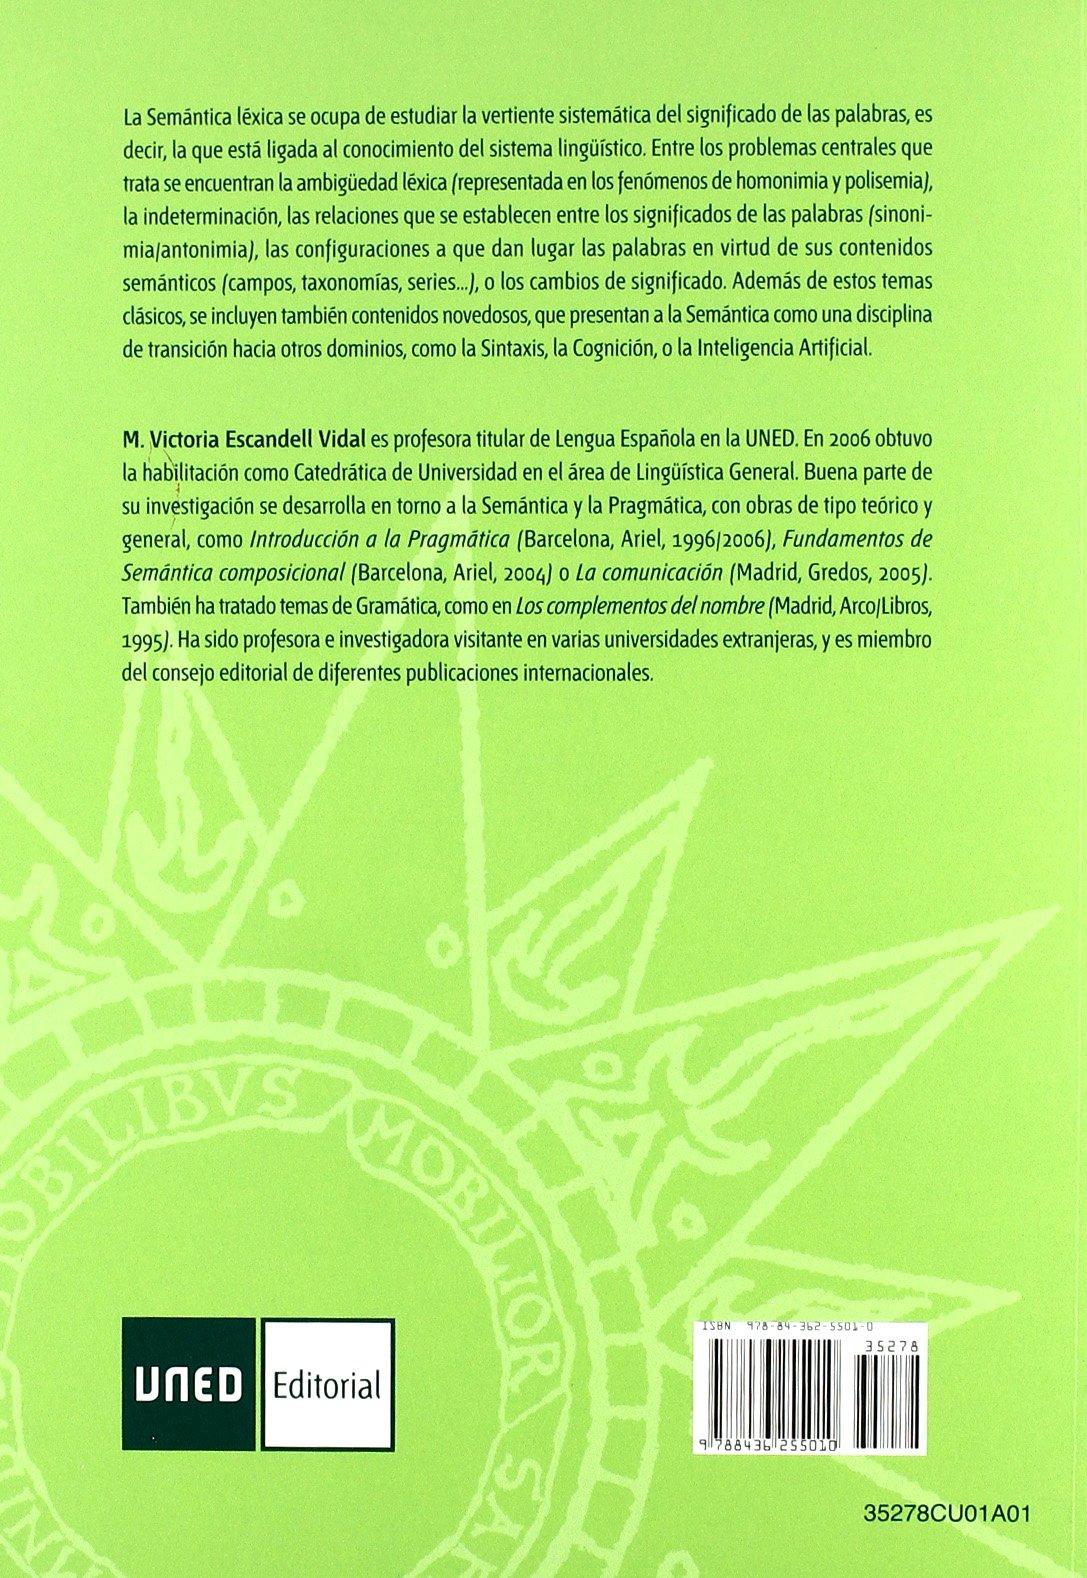 Apuntes de Semántica Léxica (CUADERNOS UNED): Amazon.es: Escandell Vidal, M.ª Victoria: Libros